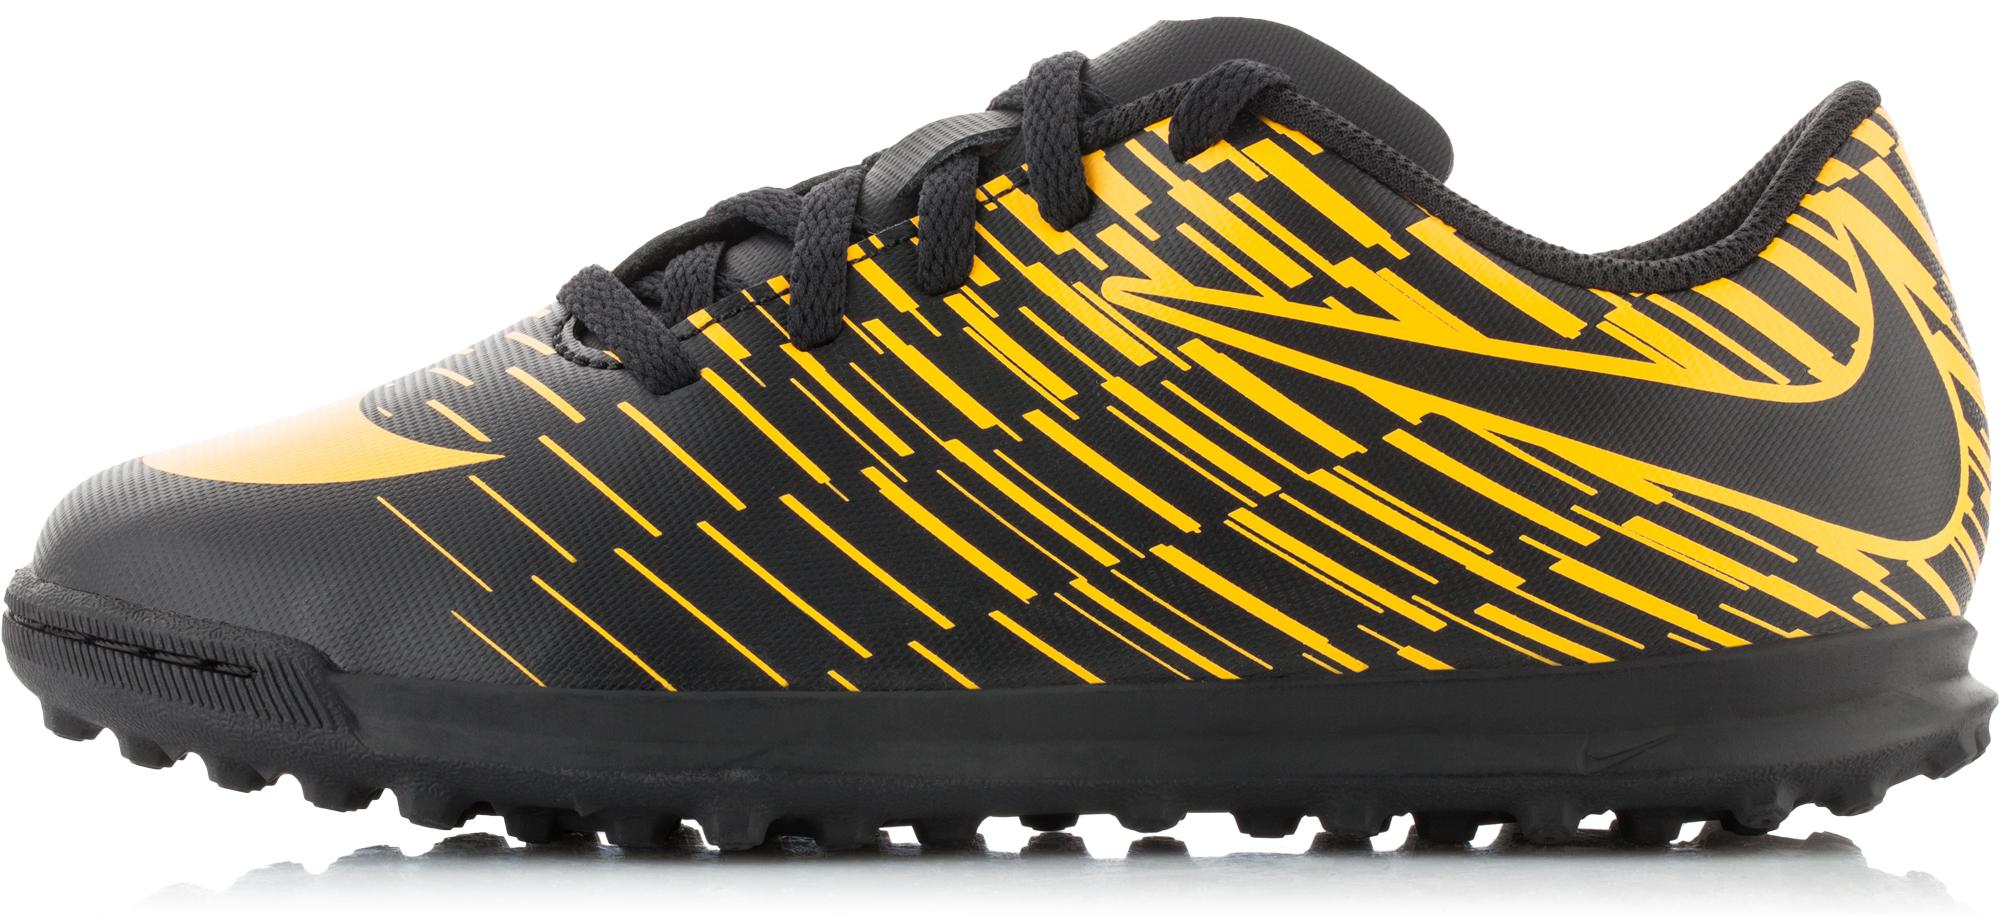 Nike Бутсы для мальчиков Nike Bravatax II TF nike бутсы для мальчиков nike bombax tf